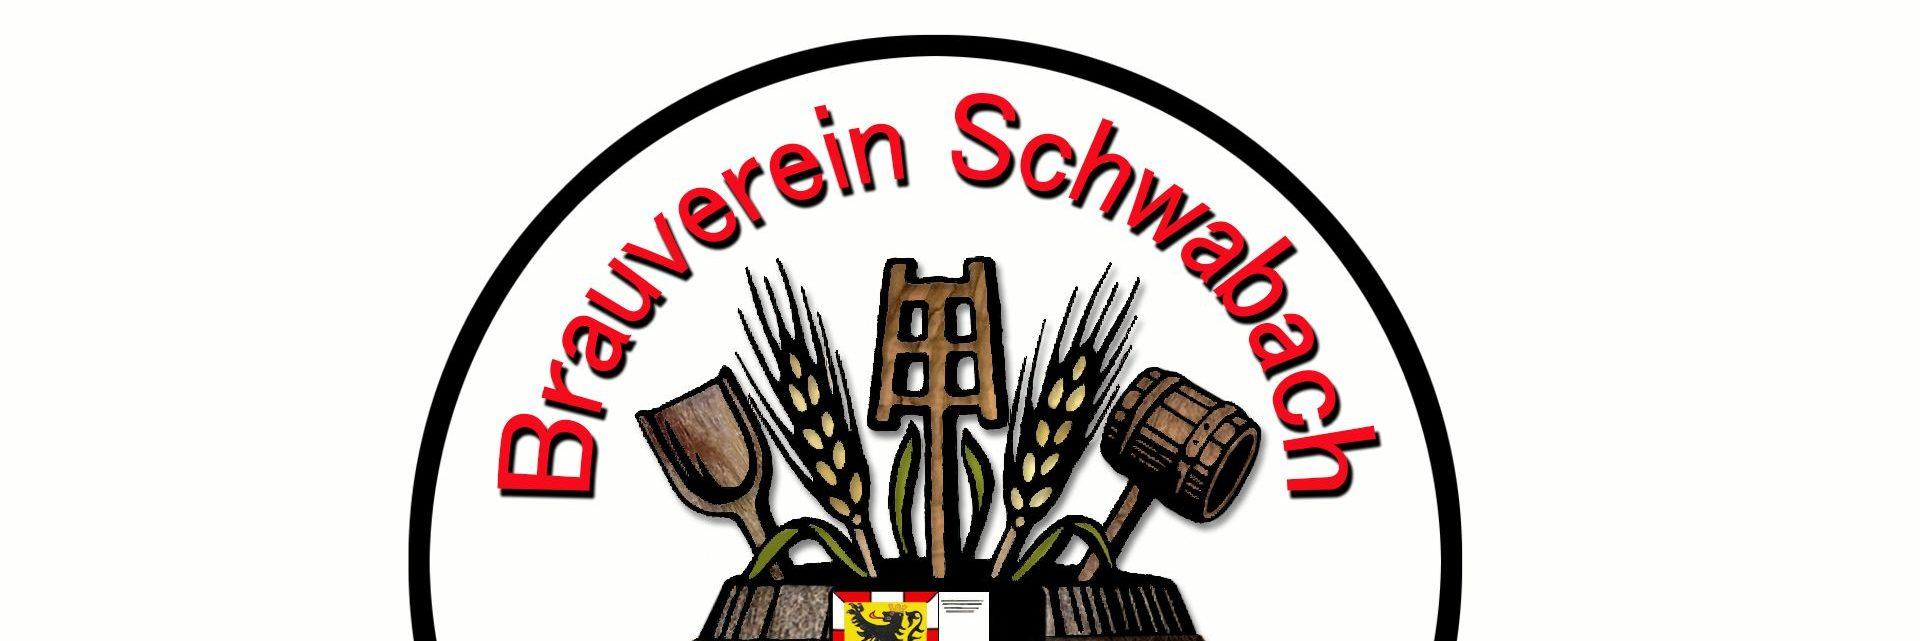 Brauverein Schwabach